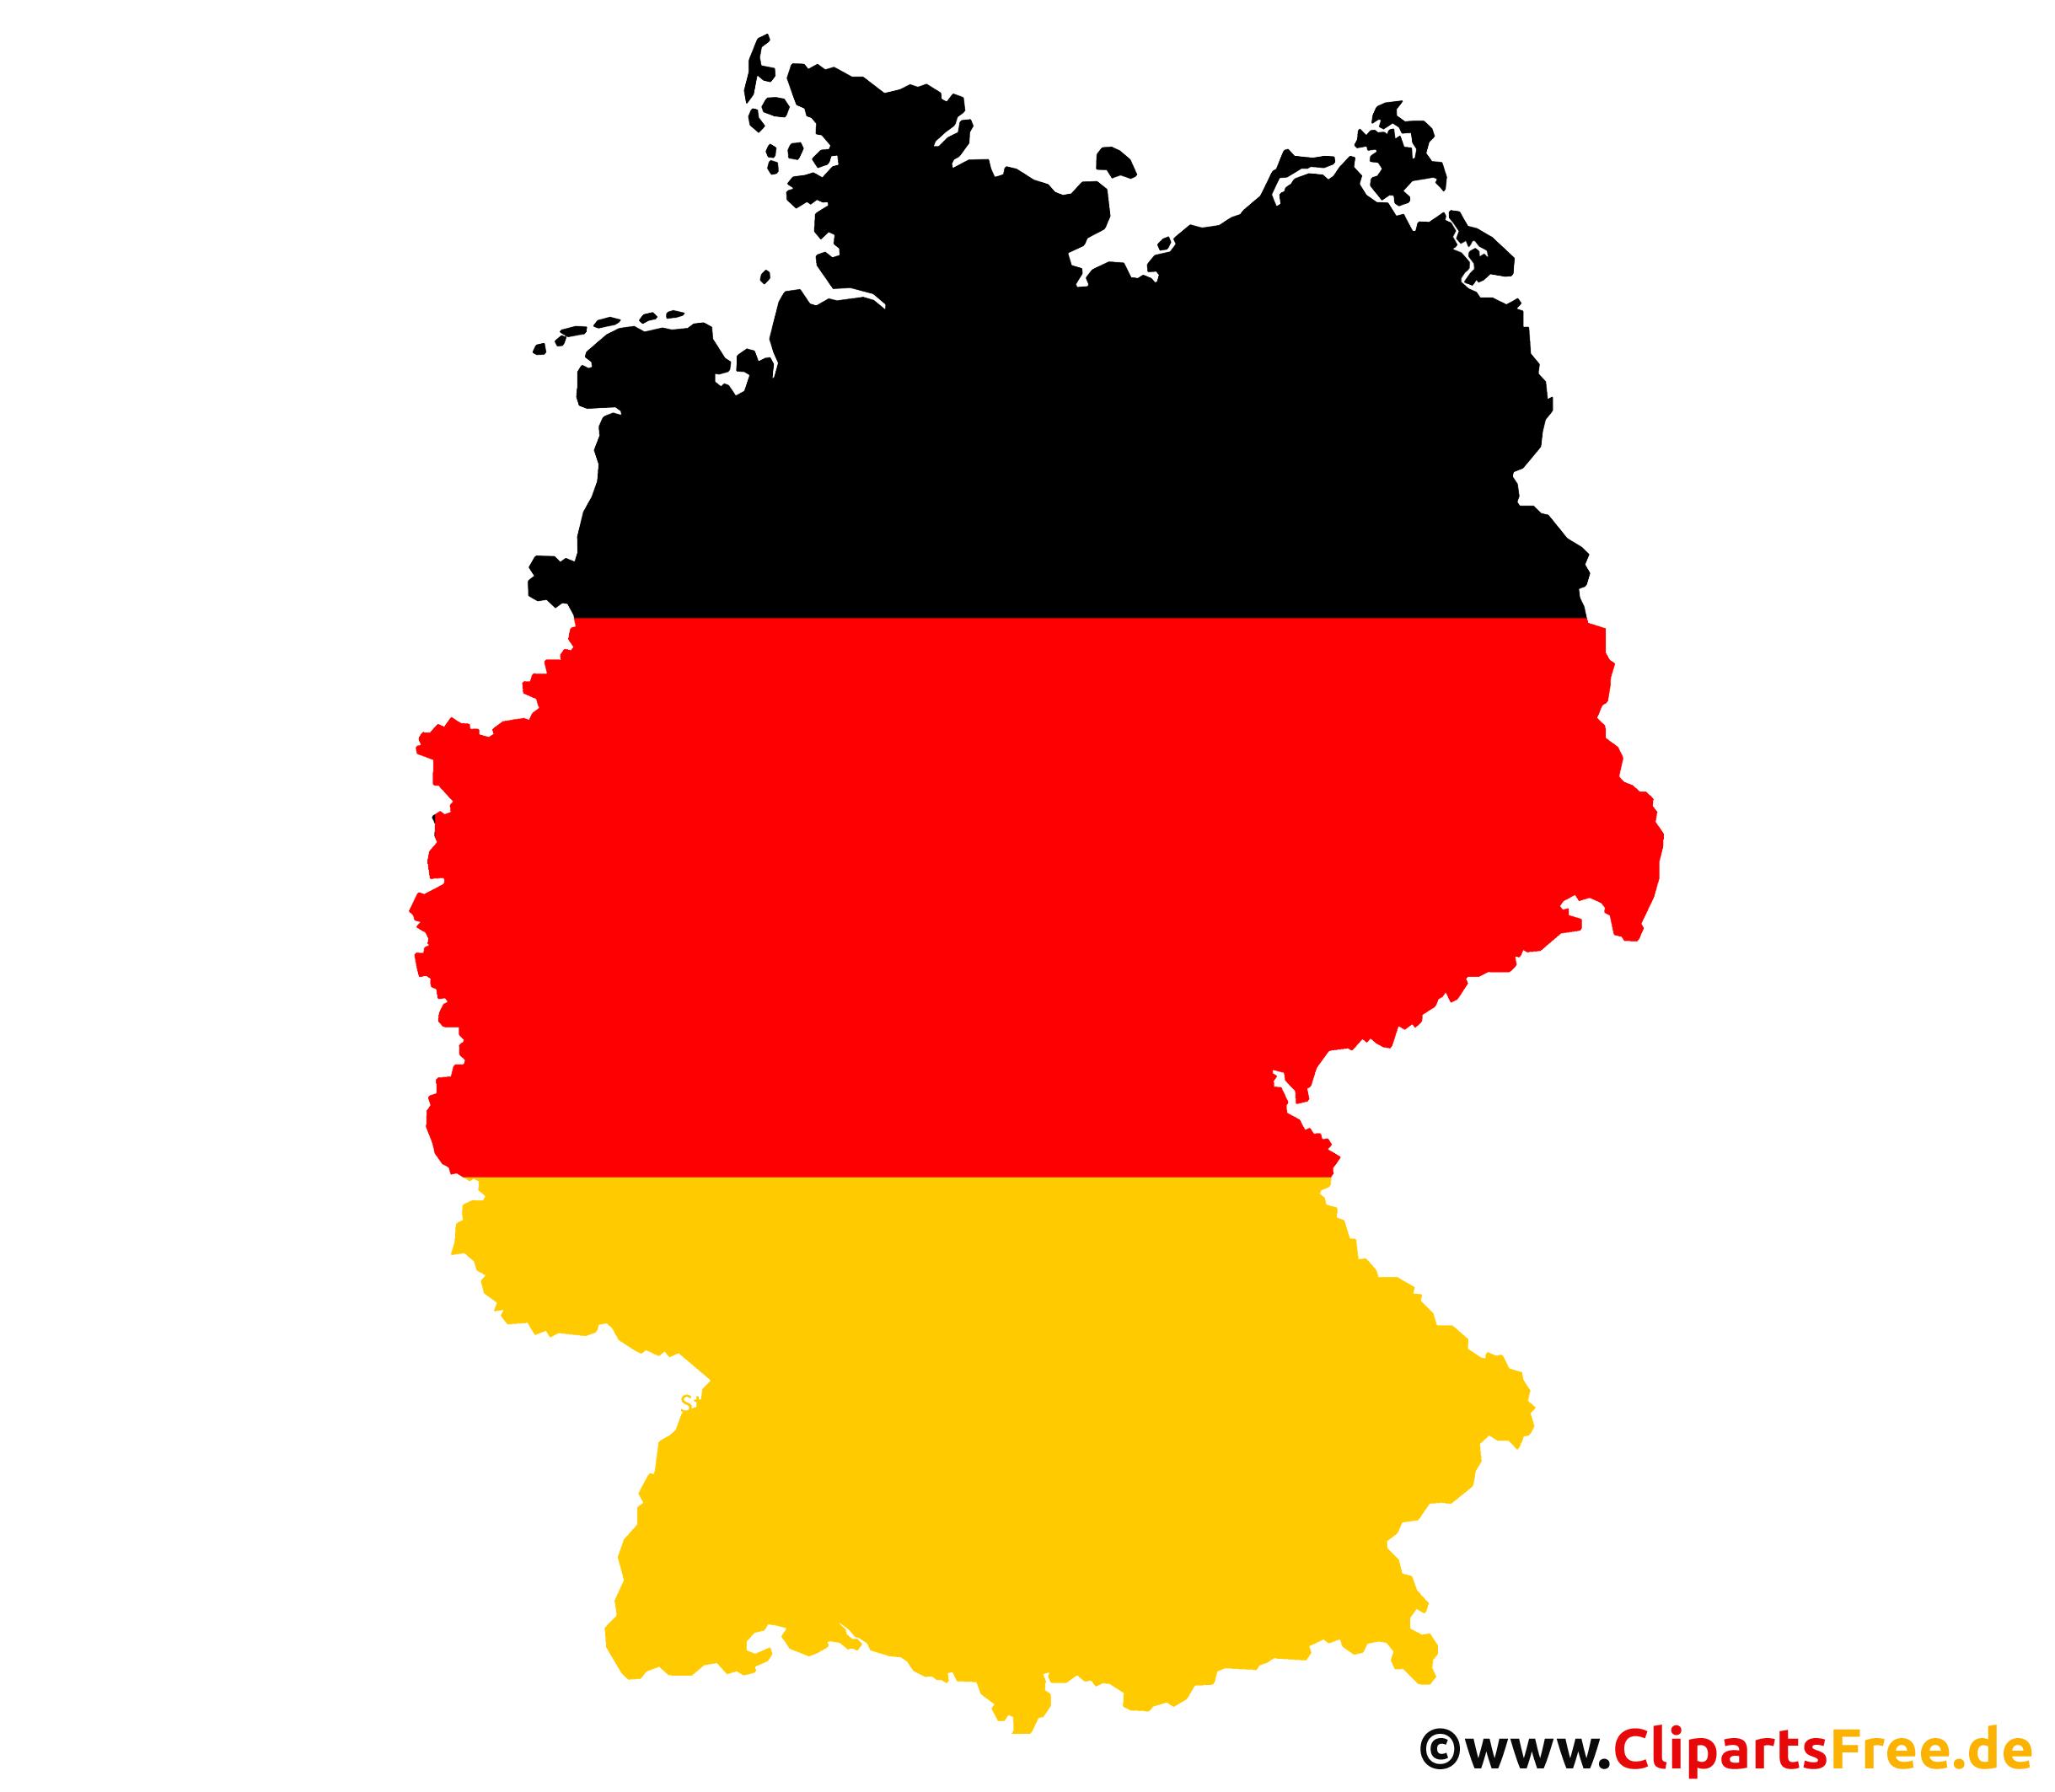 Deutschland Konturen - Landkarte für Deutschland in schwarz, rot, gold